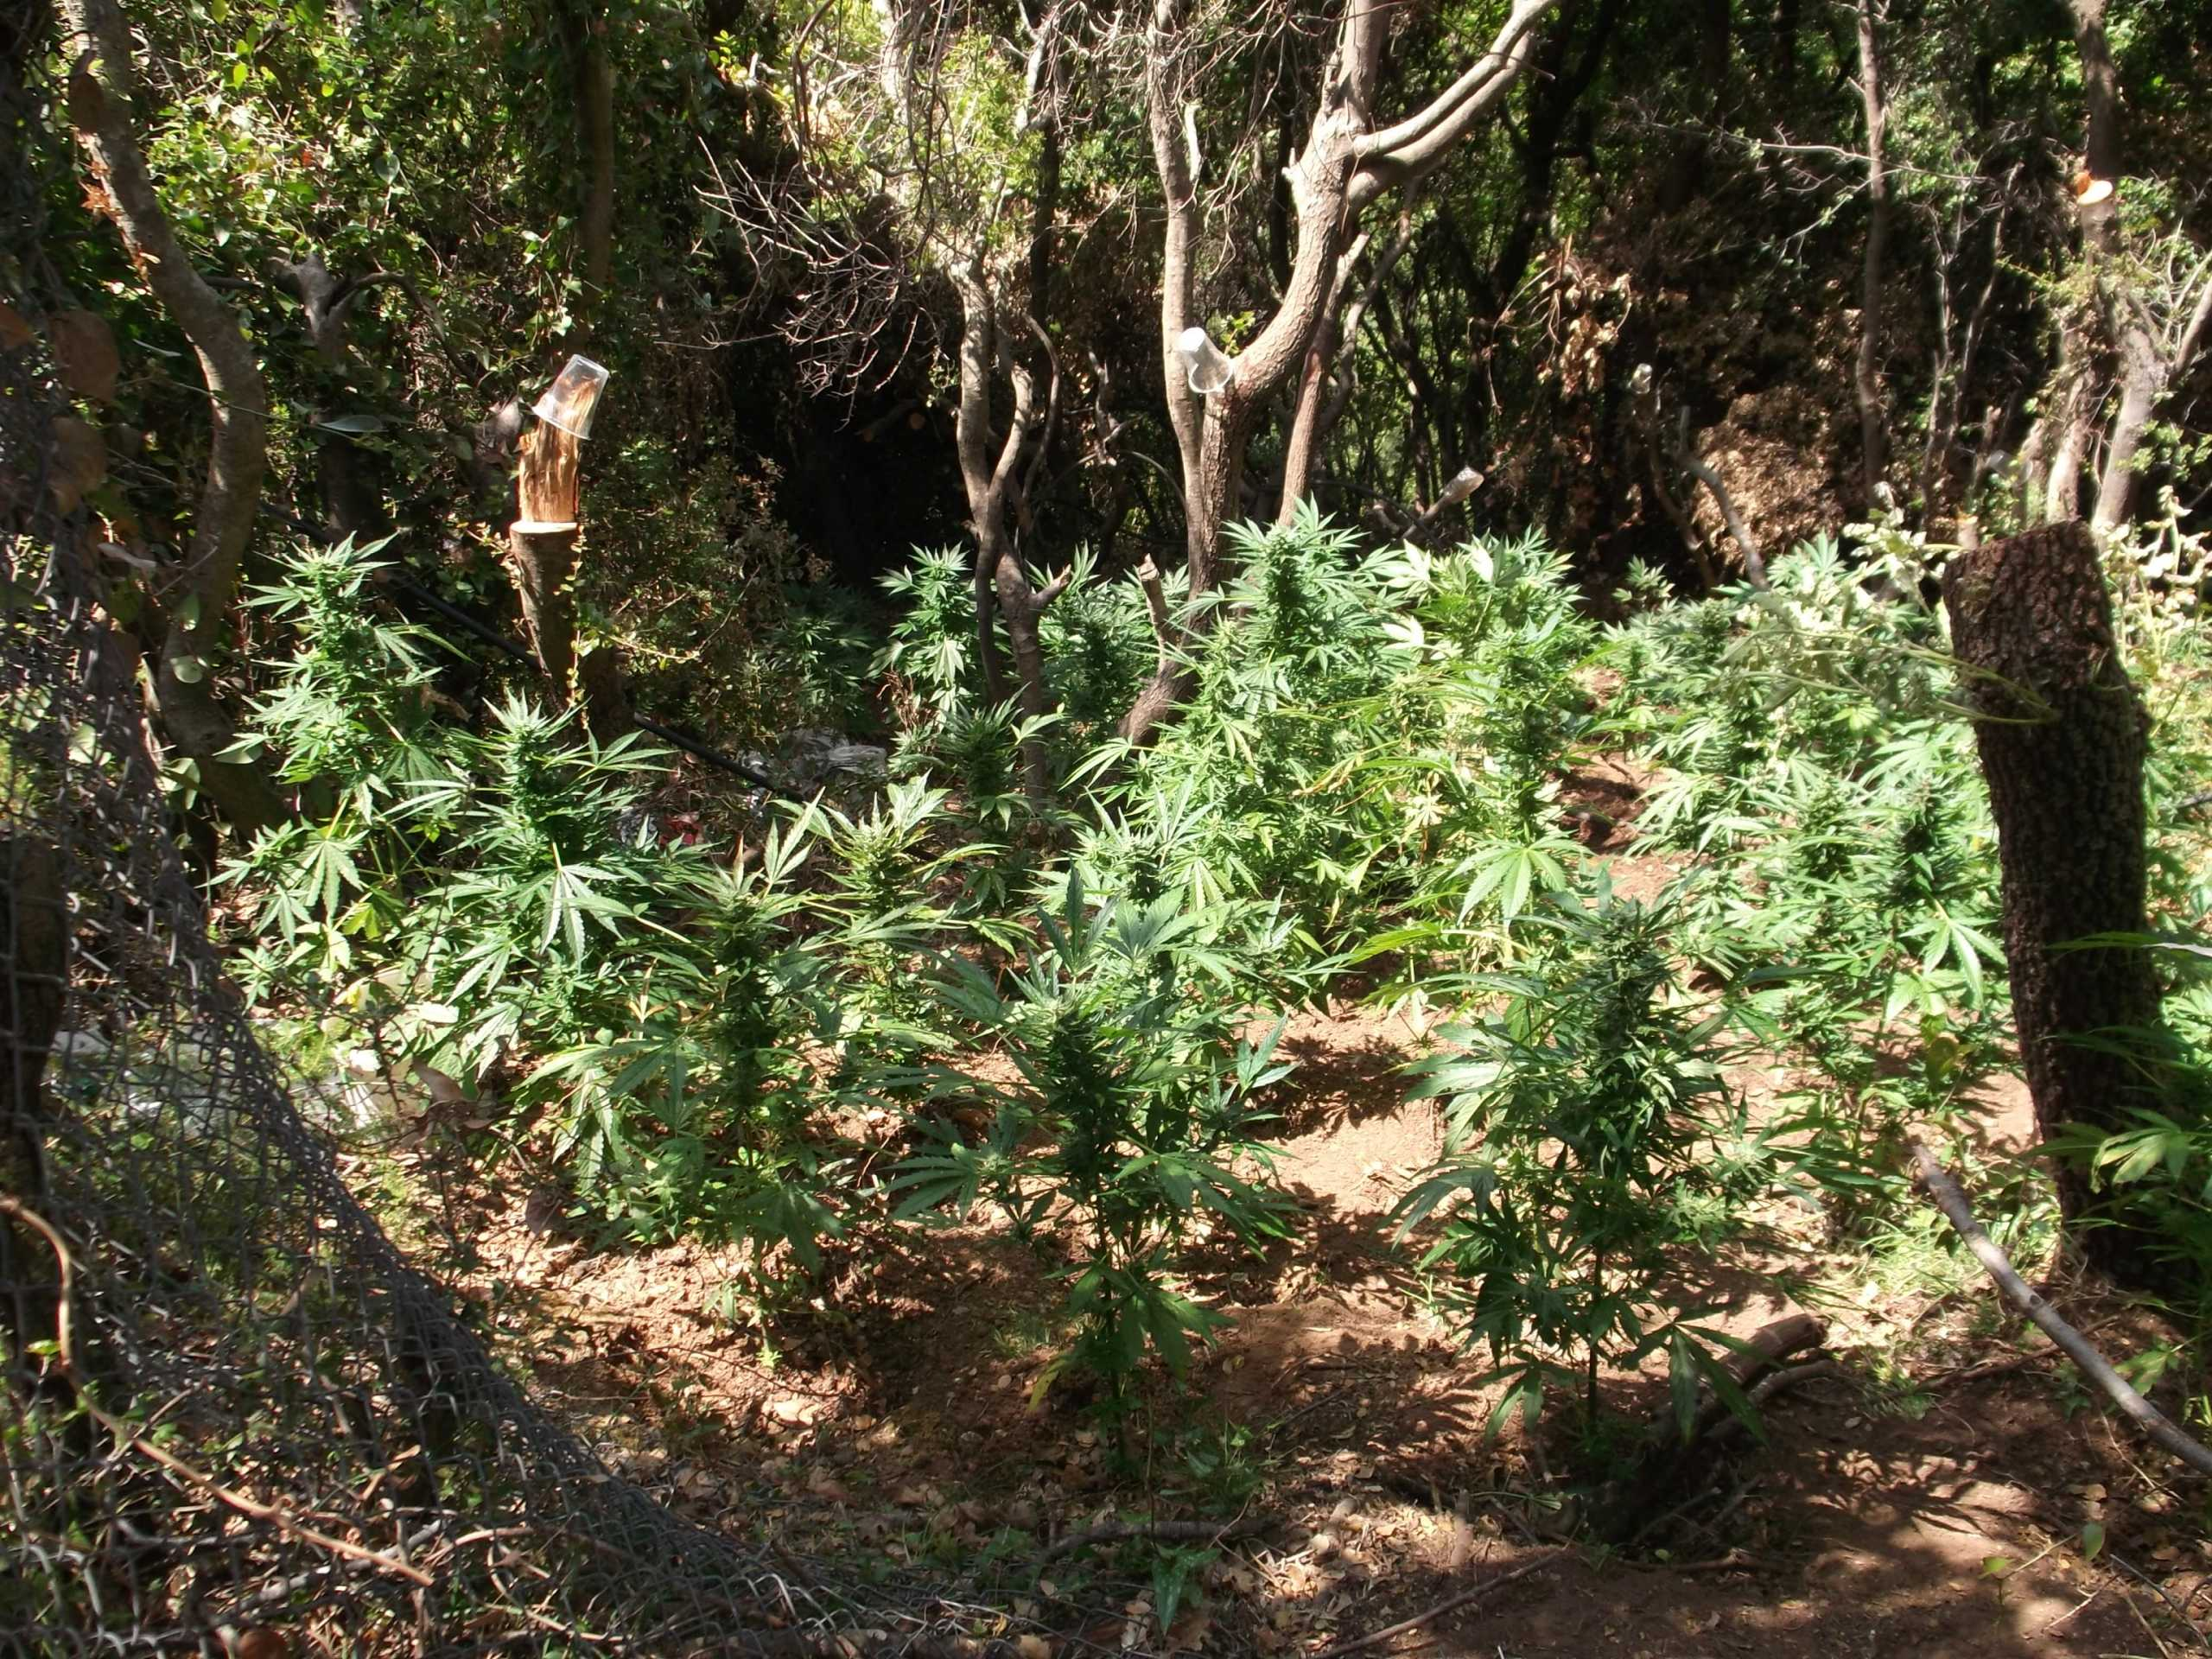 Ρέθυμνο: Φυτεία με 157 δενδρύλλια χασίς στο Μυλοπόταμο – Μια σύλληψη